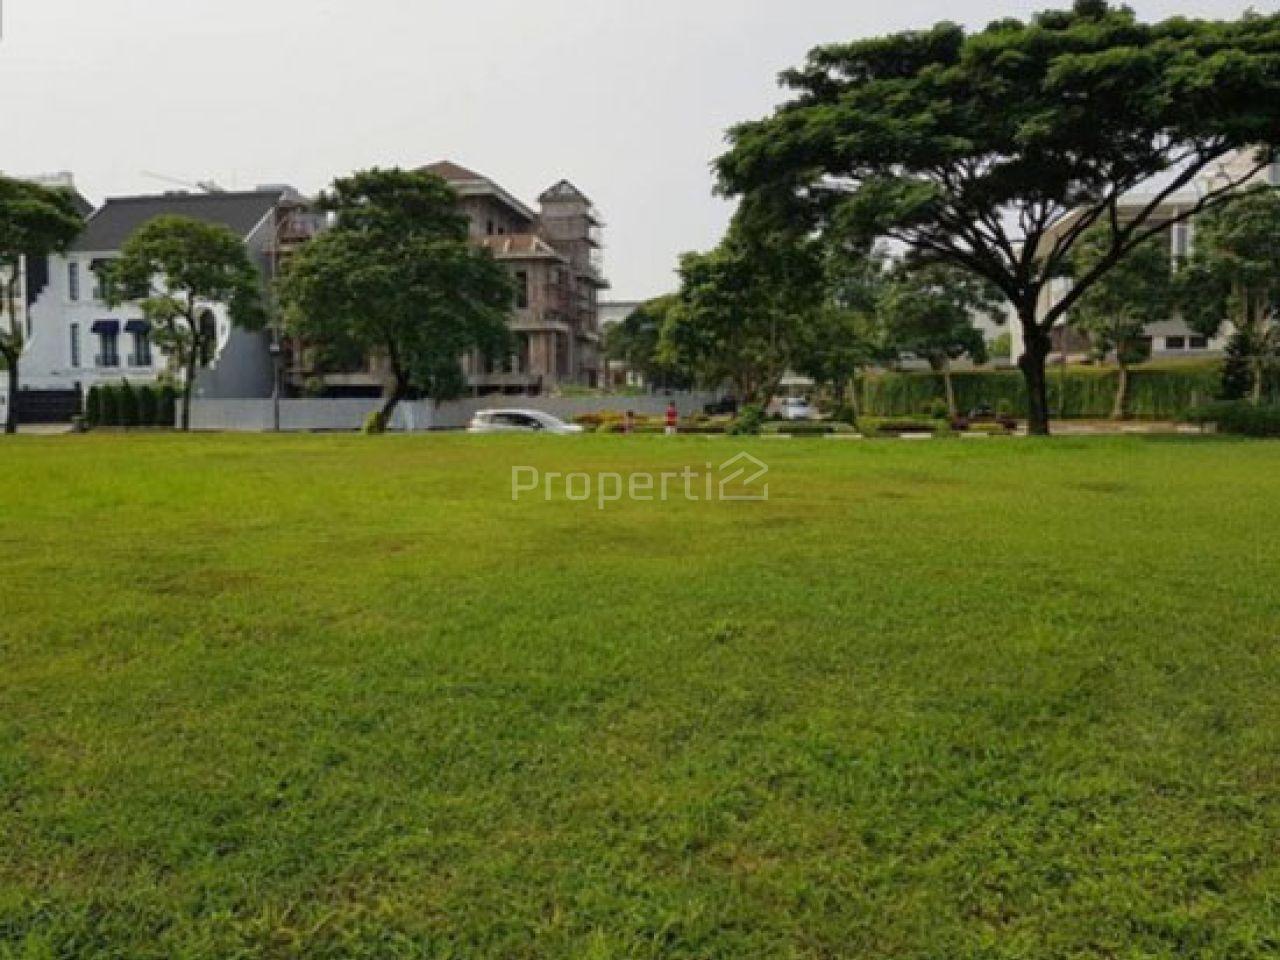 Residential Land in Pantai Indah Kapuk, North Jakarta, DKI Jakarta